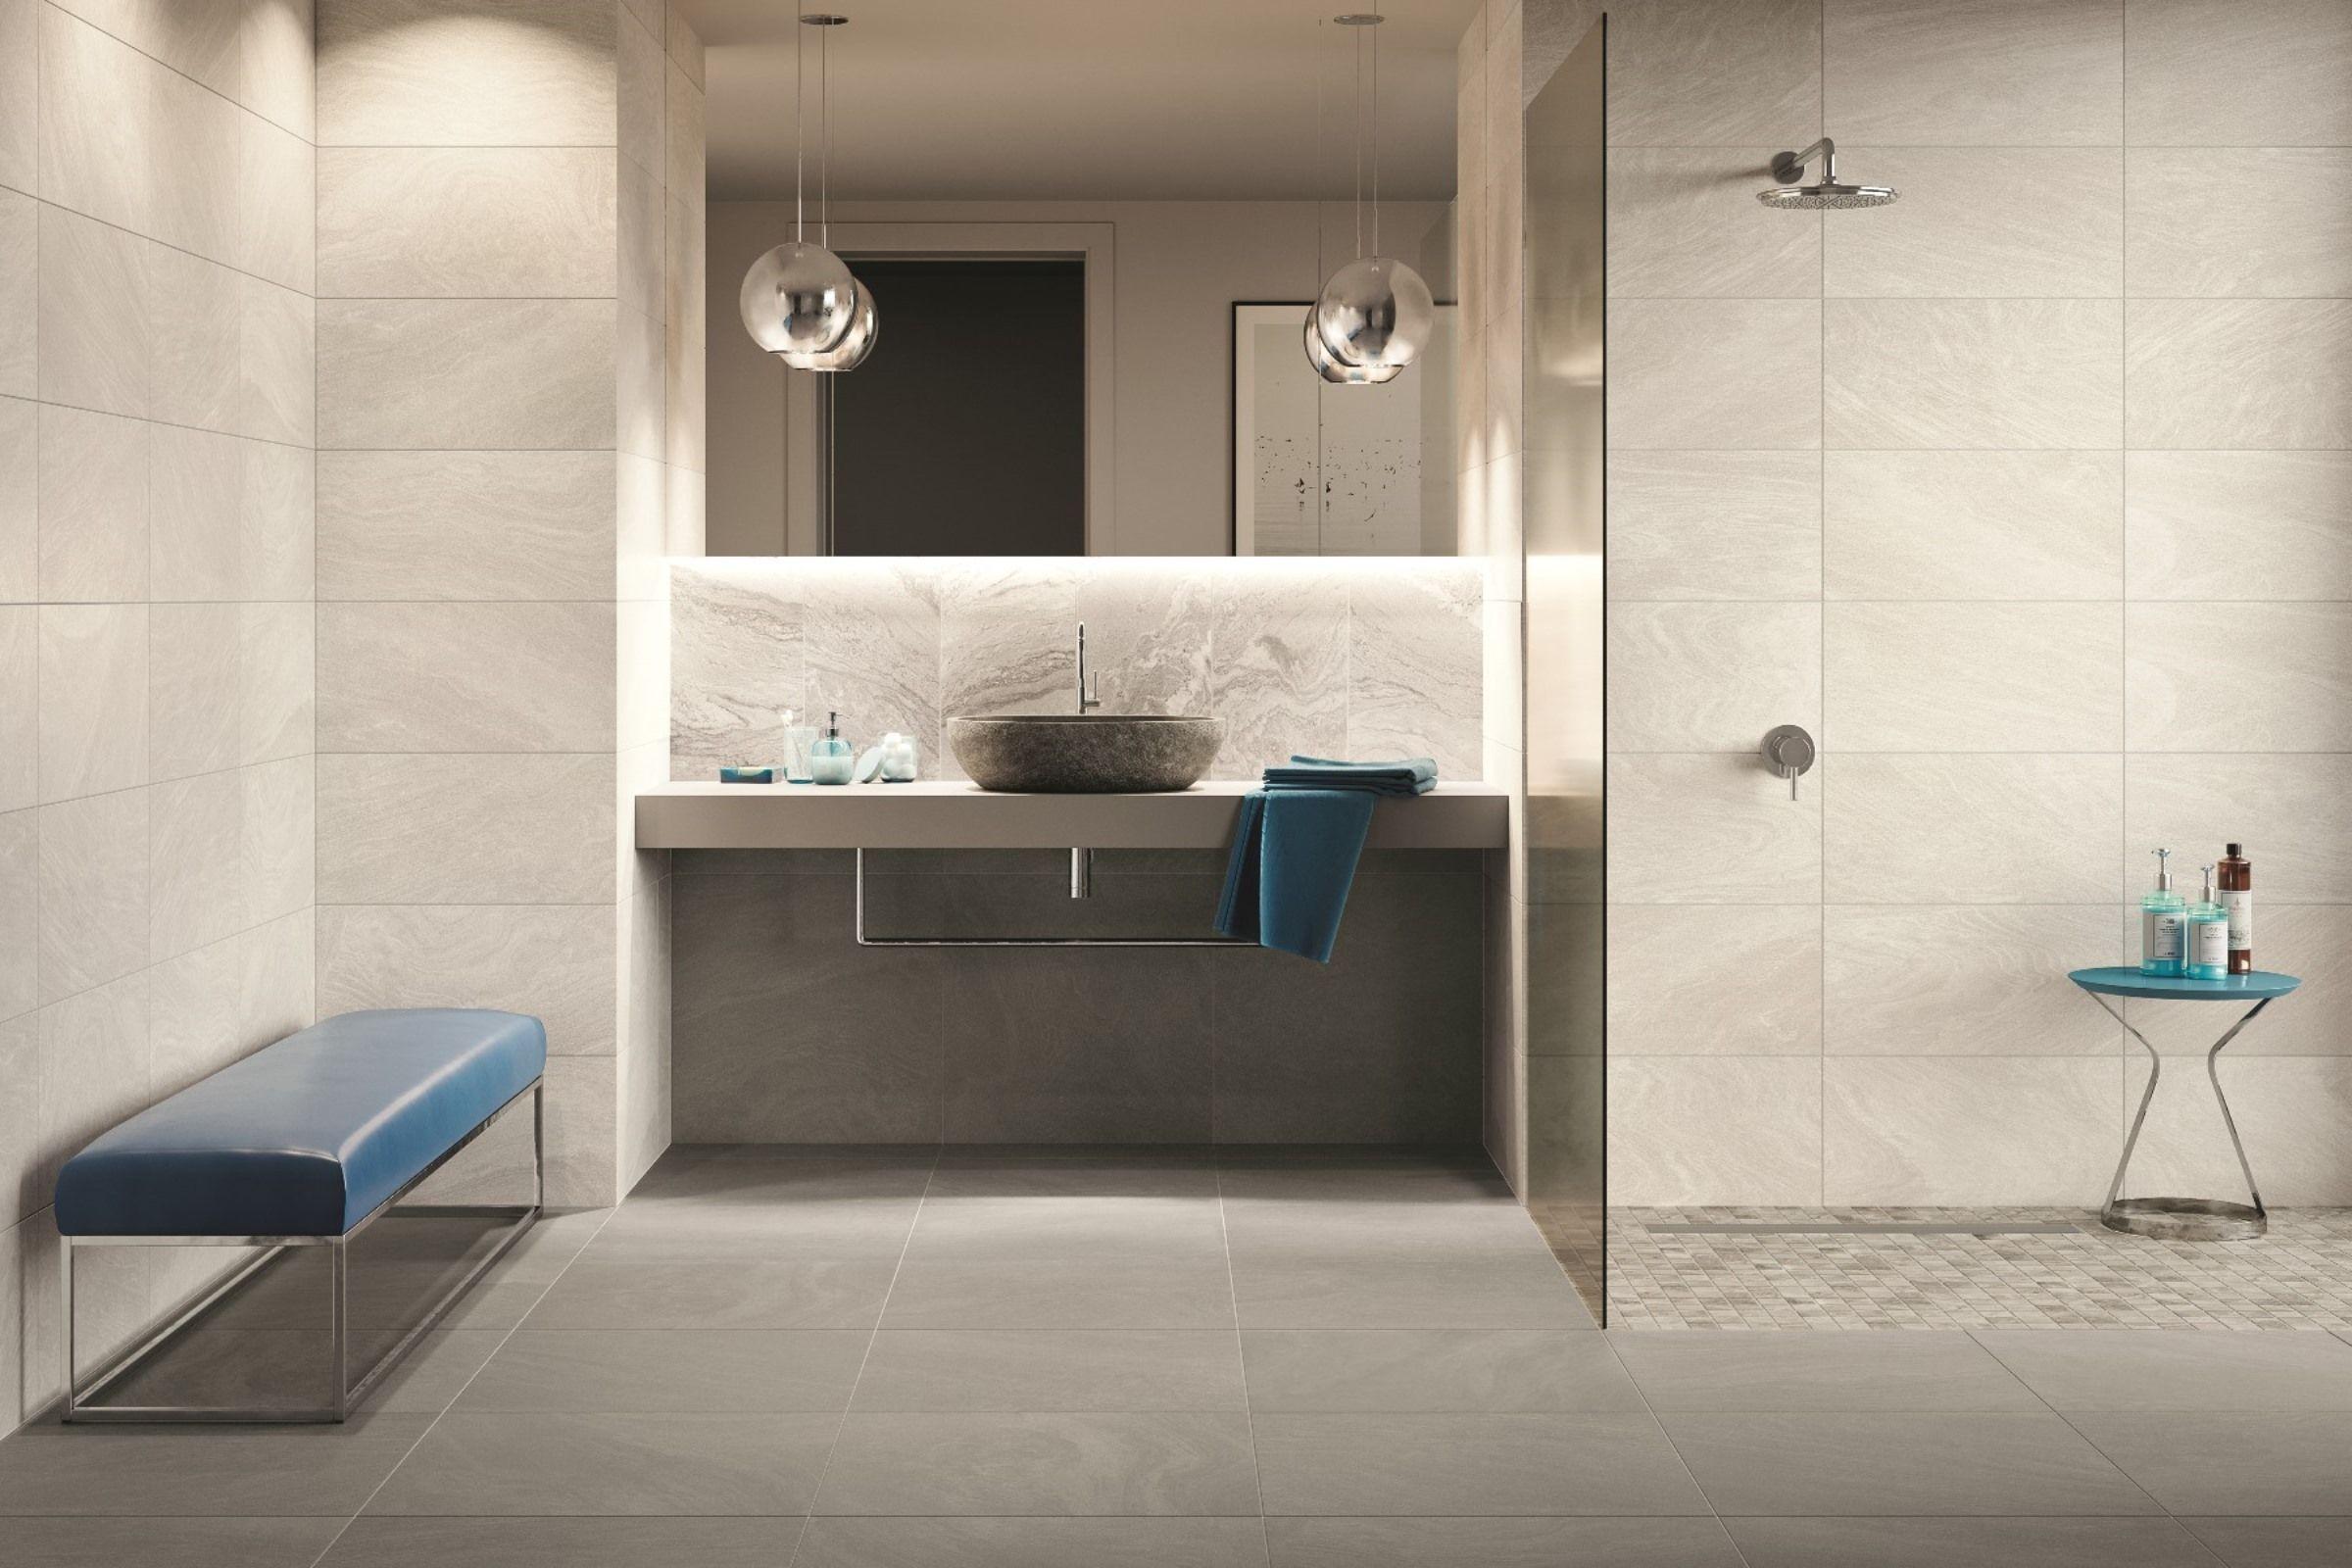 Ein Harmonisches Badezimmerdesign Farbspiel Fliesen Tiles